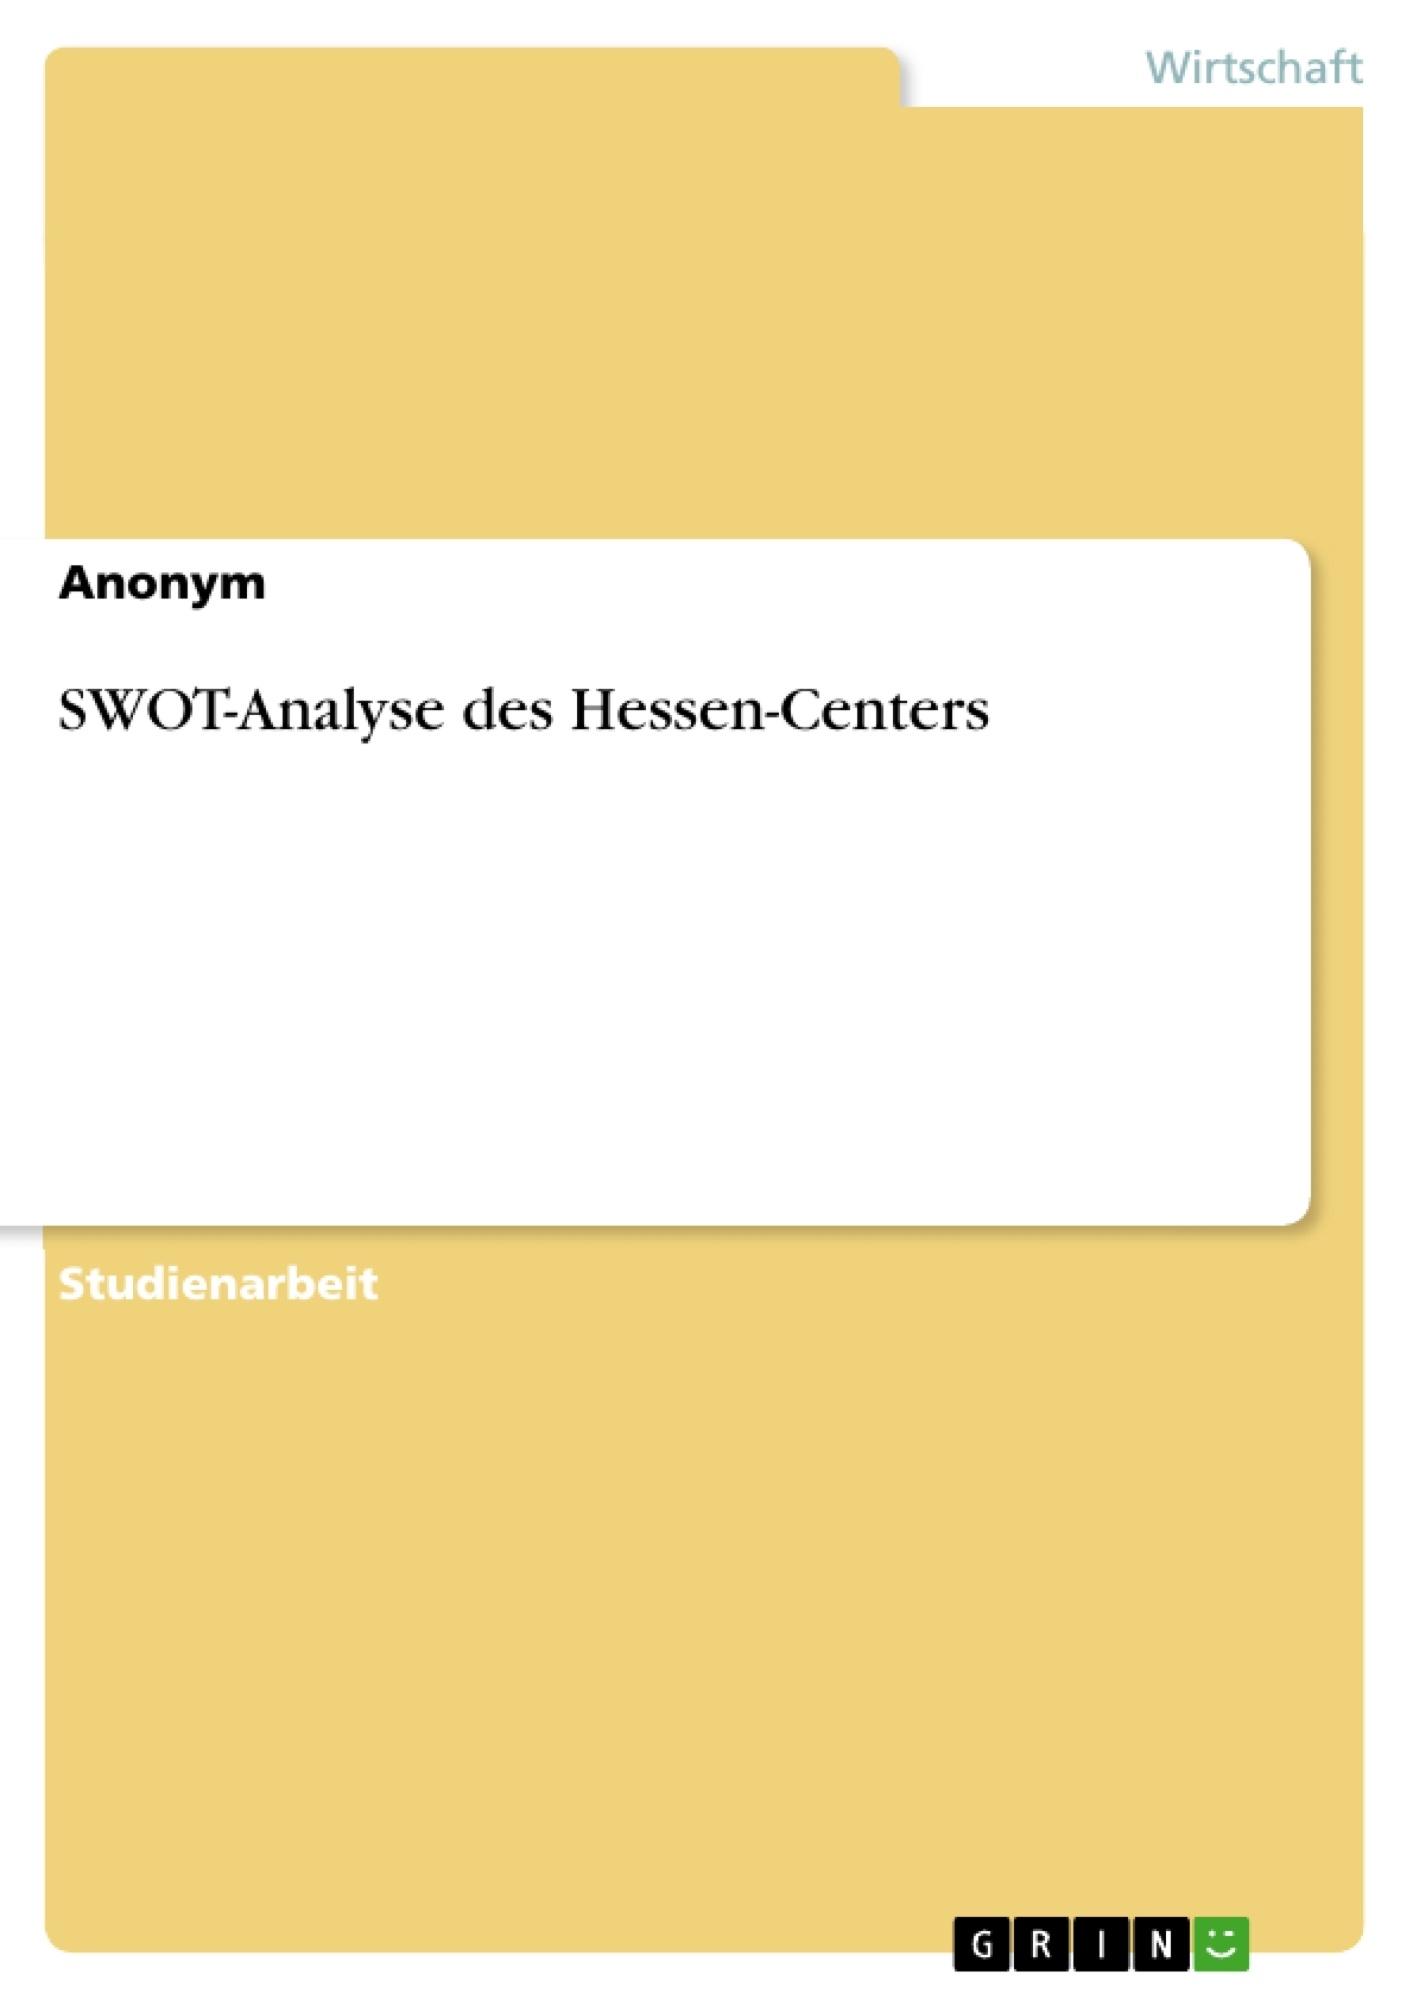 Titel: SWOT-Analyse des Hessen-Centers